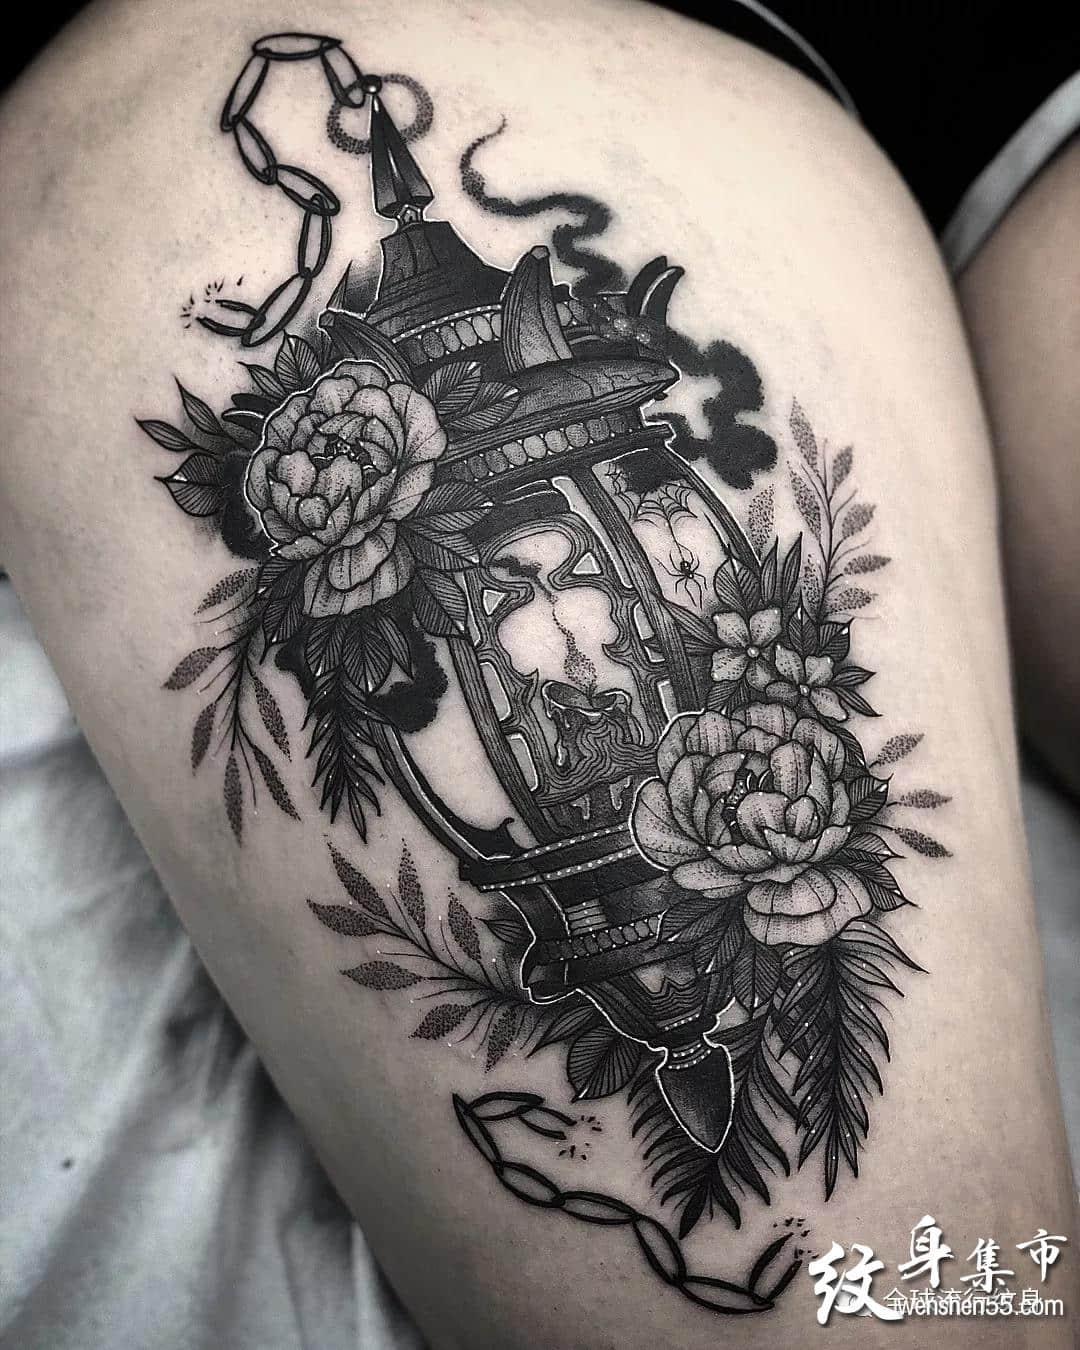 暗黑素描风纹身,暗黑素描风纹身手稿图案